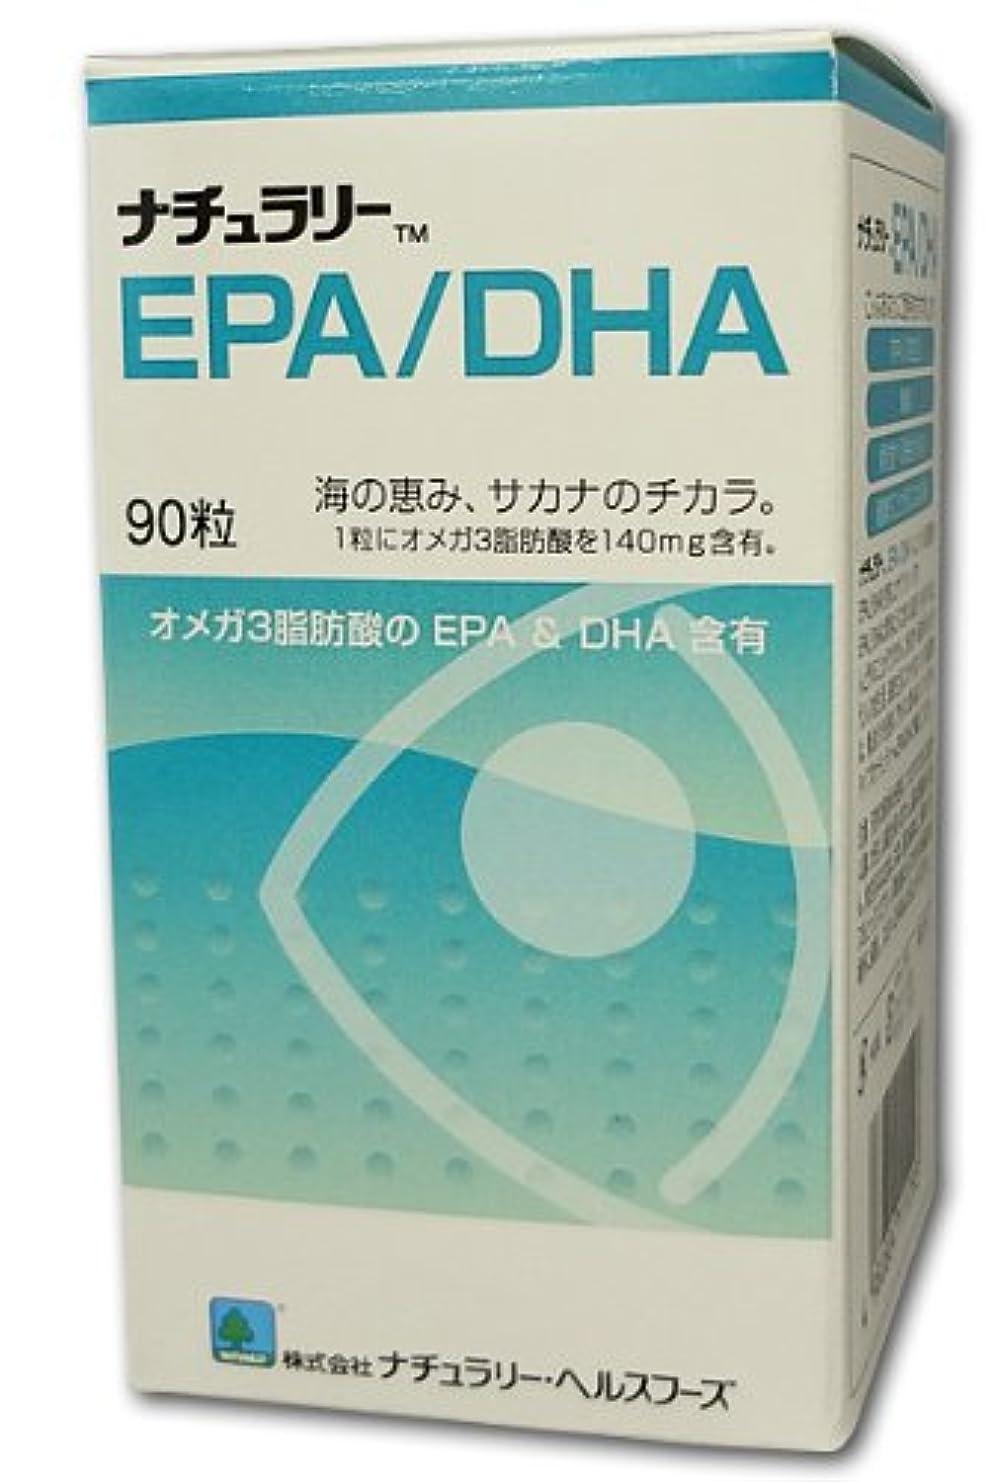 ピジン靴お気に入りナチュラリー EPA/DHA 90粒